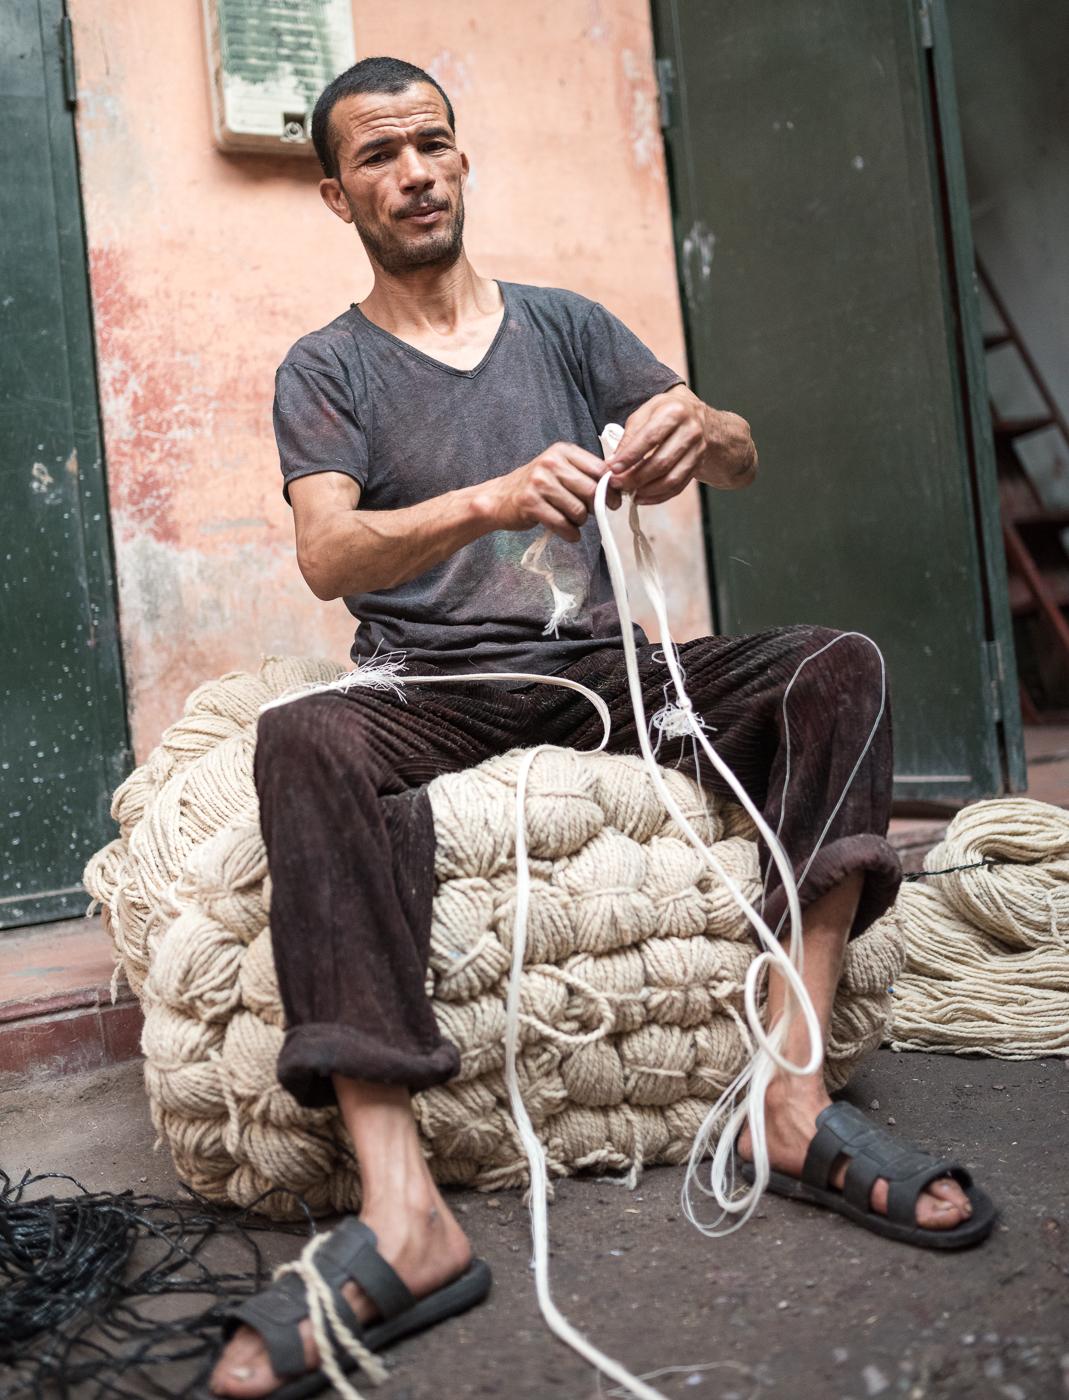 philipp schäbler marokko marrakesch essaouira-8043.jpg